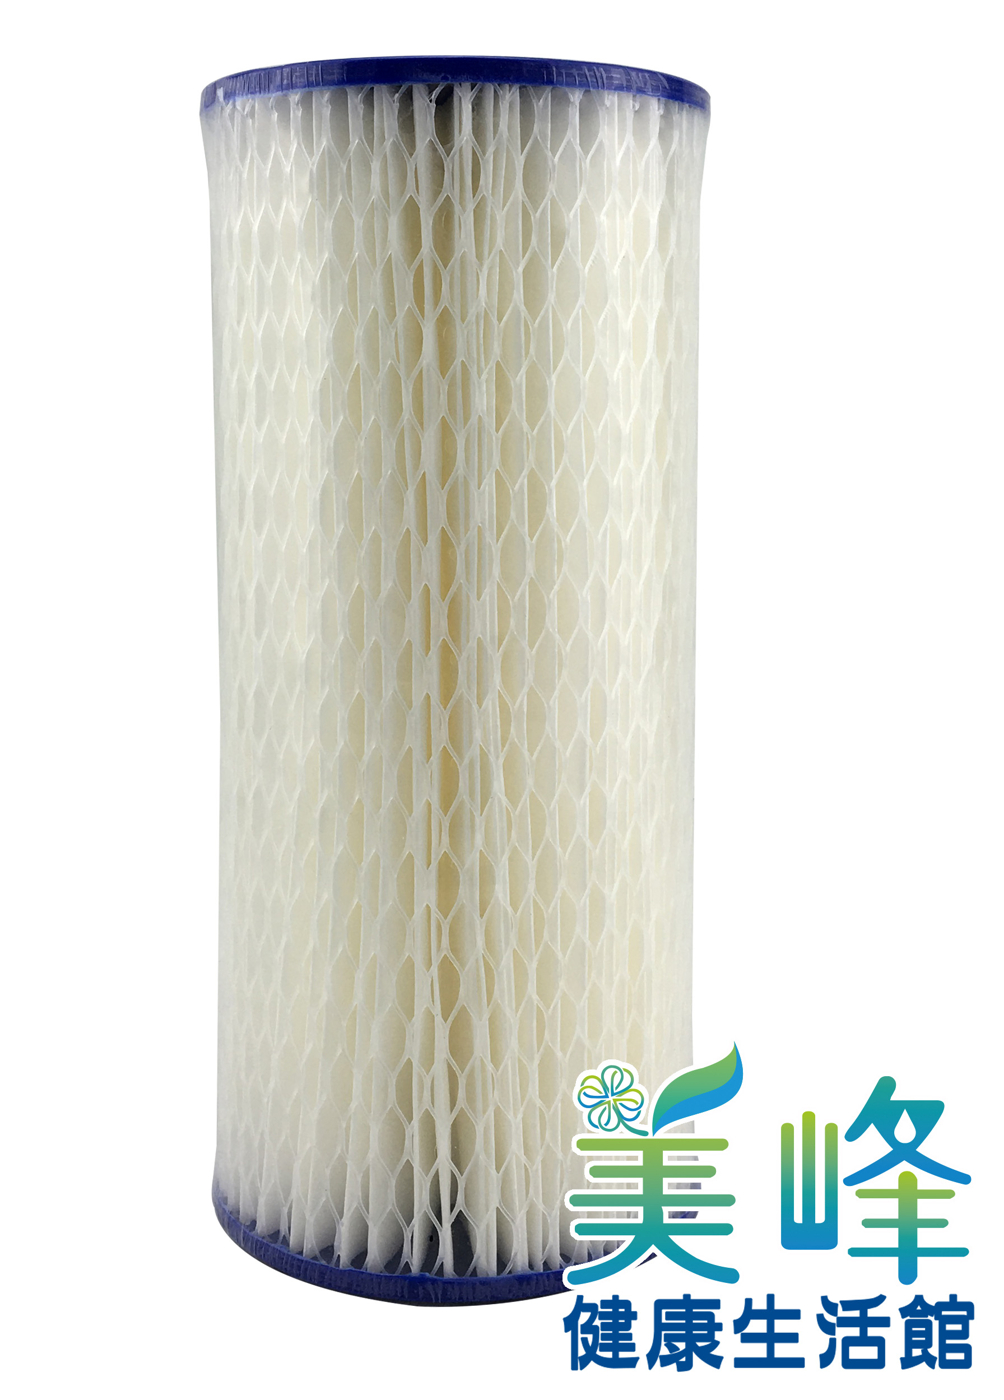 濾水器-10吋大胖環保摺疊濾心-可清洗濾心重複使用-適用水塔淨水器全戶式過濾-台灣製造,260元